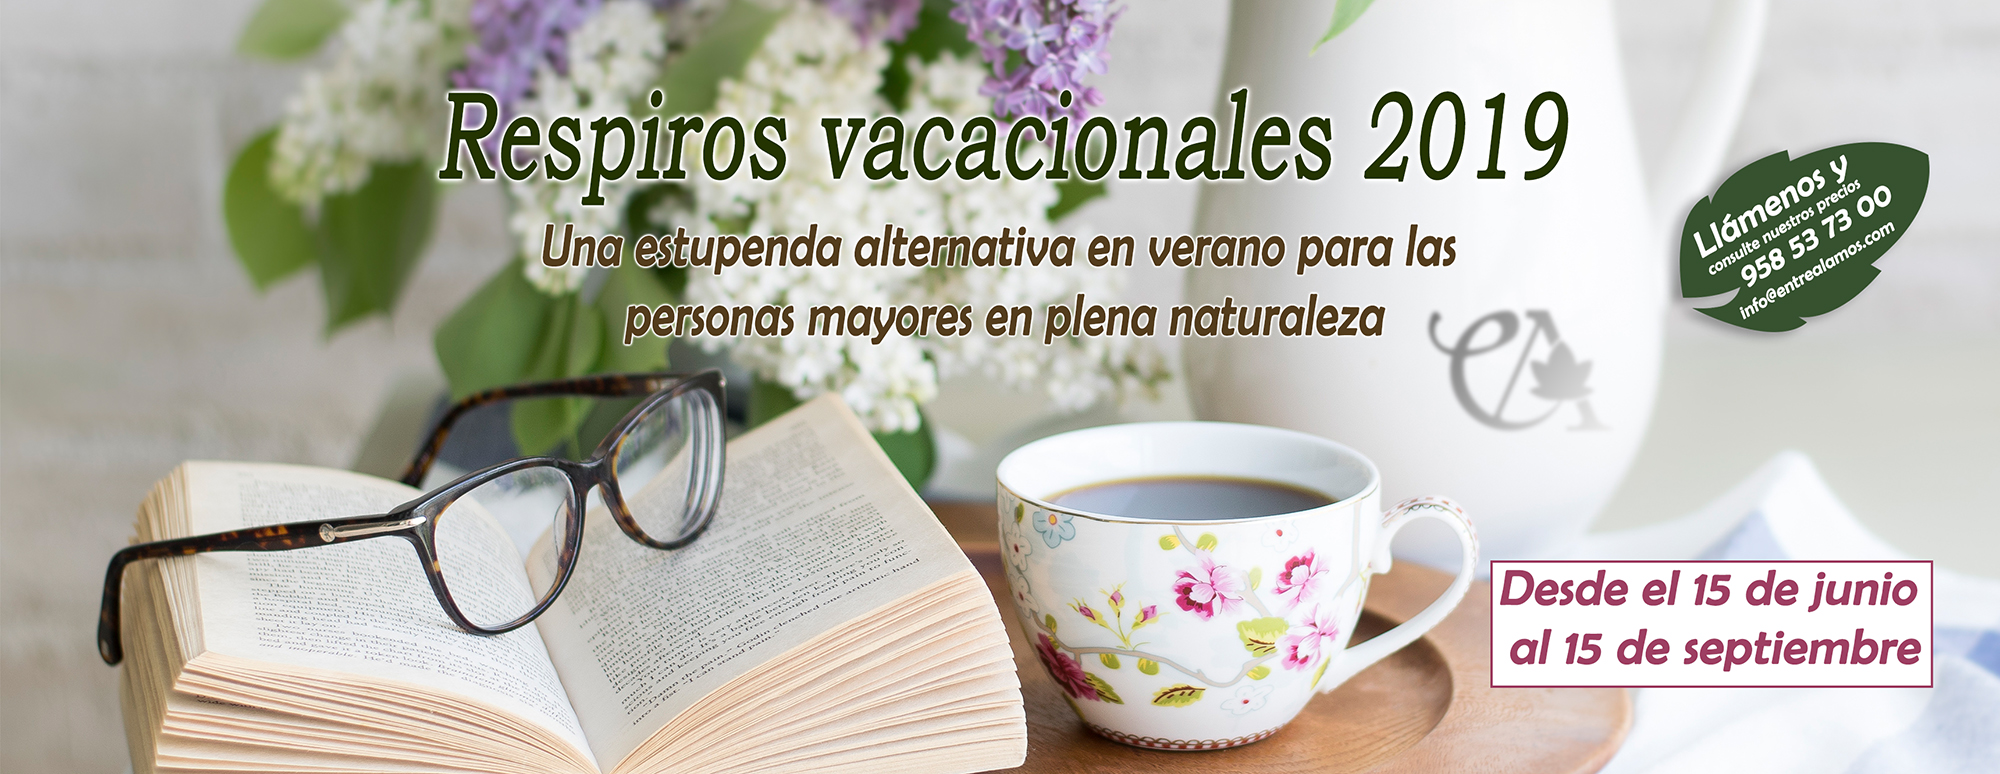 Imagen que muestra un libro, unas gafas, una taza de infusión, con un fondo difuso de un jarrón con flores en tonos blancos y malvas, imagen relajante.